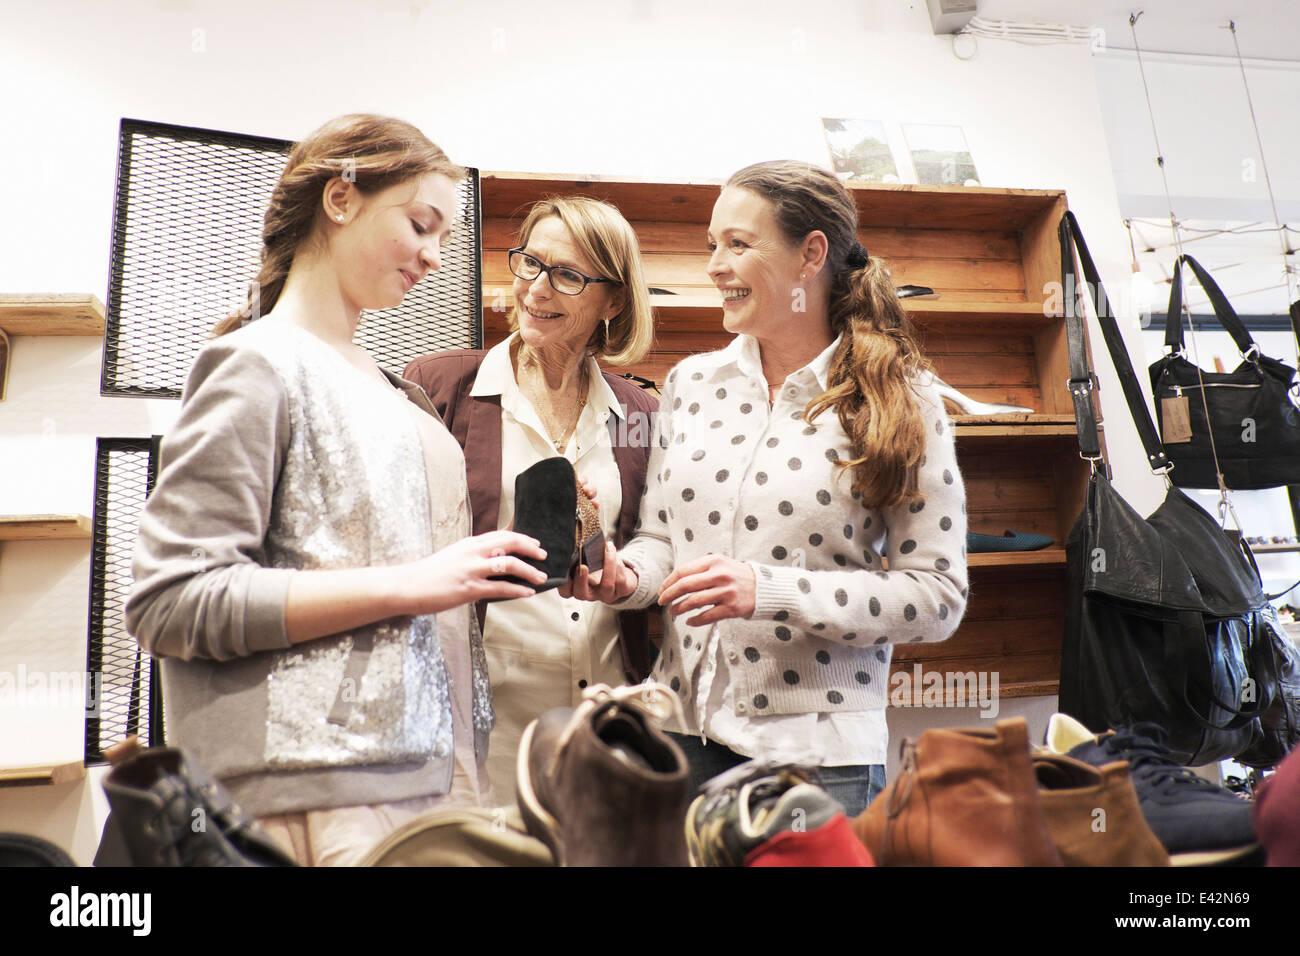 Trois femelles de la génération à la cheville au boot en magasin de chaussures Photo Stock